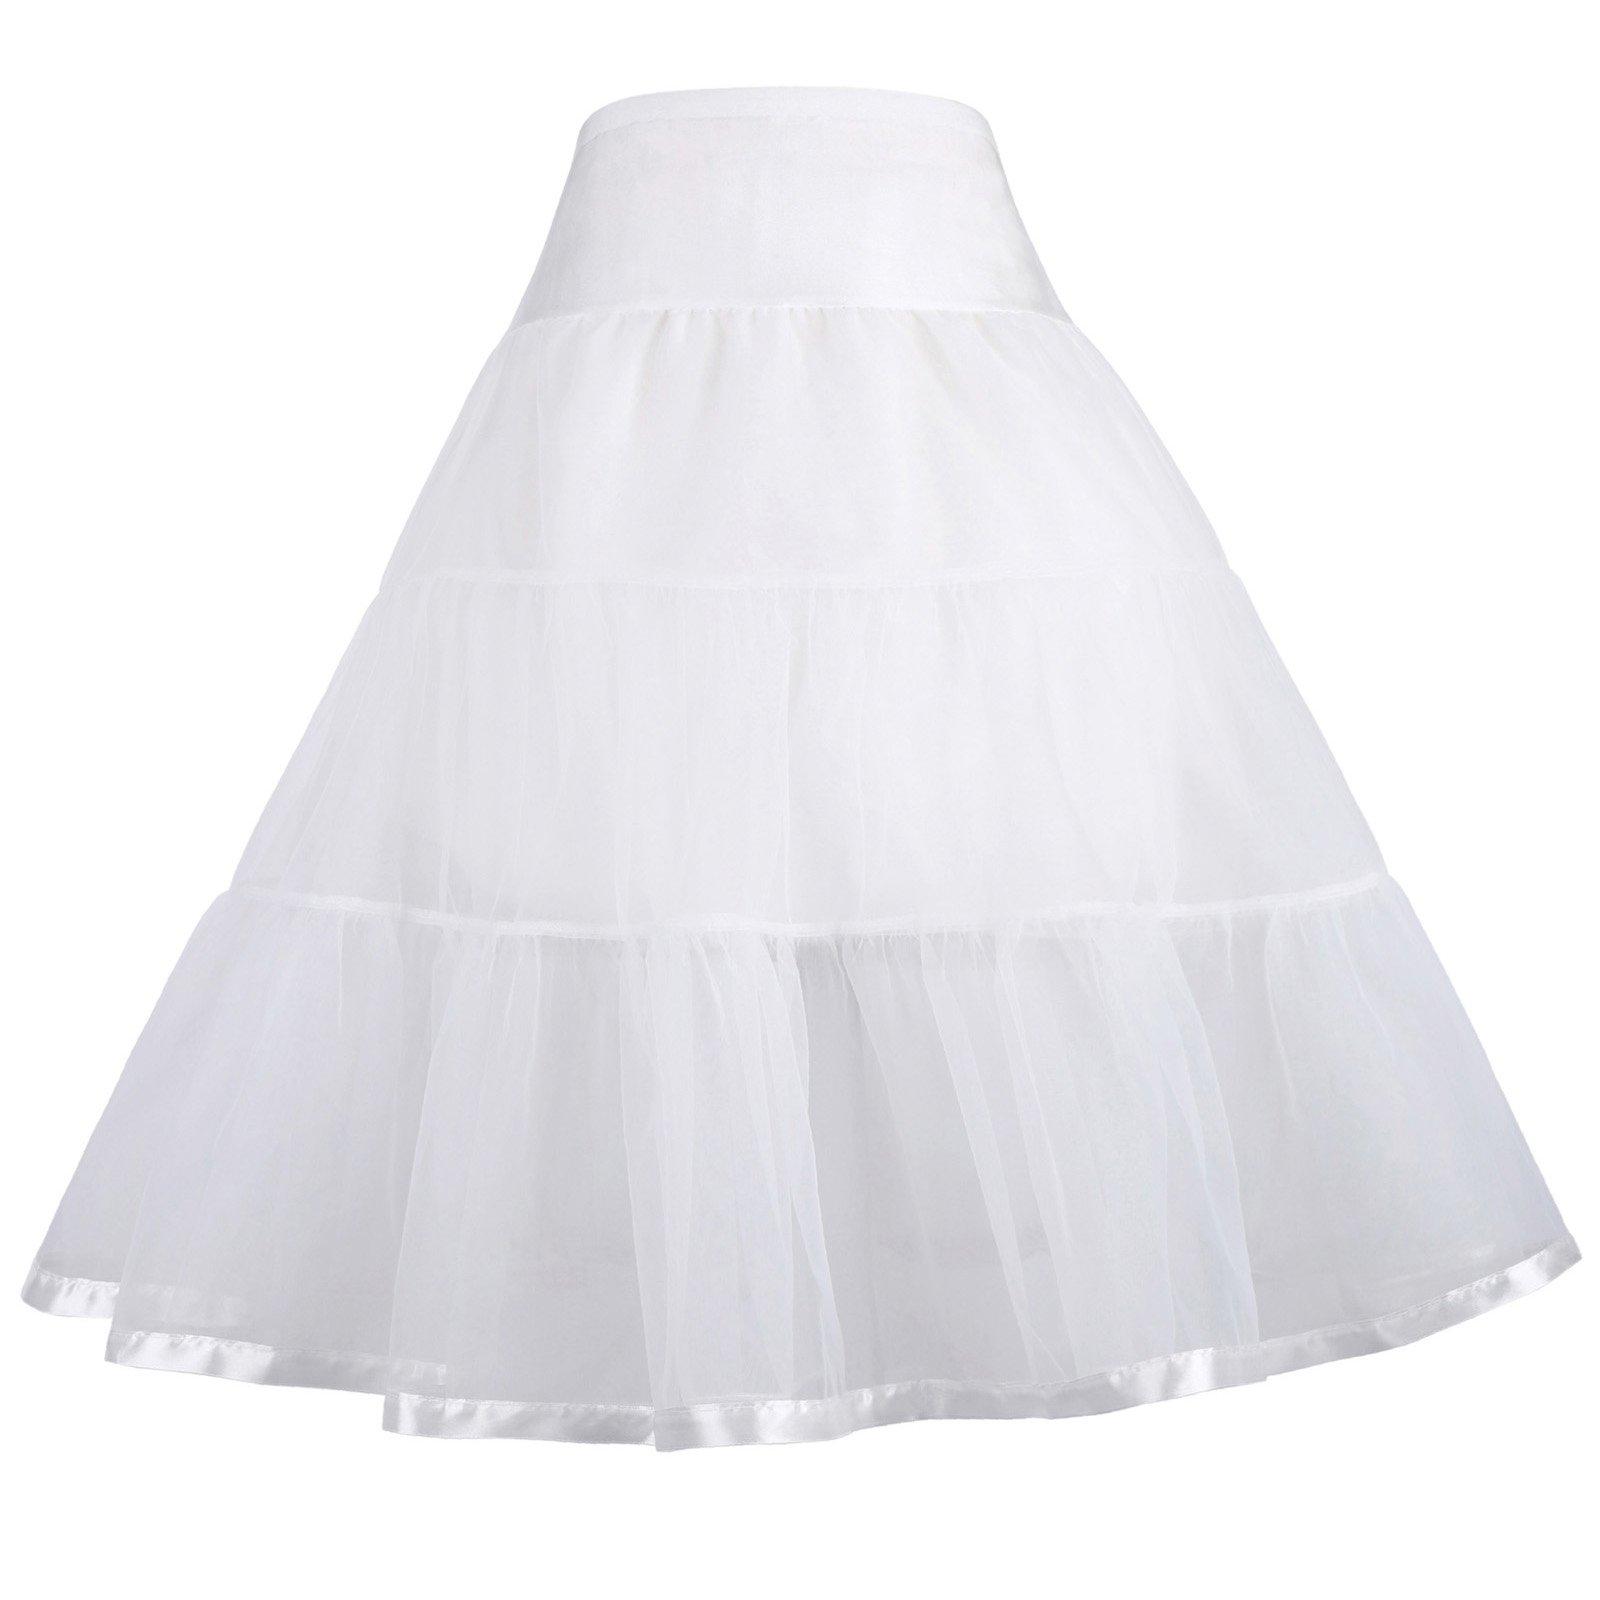 GRACE KARIN White Organza Toddler Tutu Girl Swing Petticoat 4-6 yrs 460-2